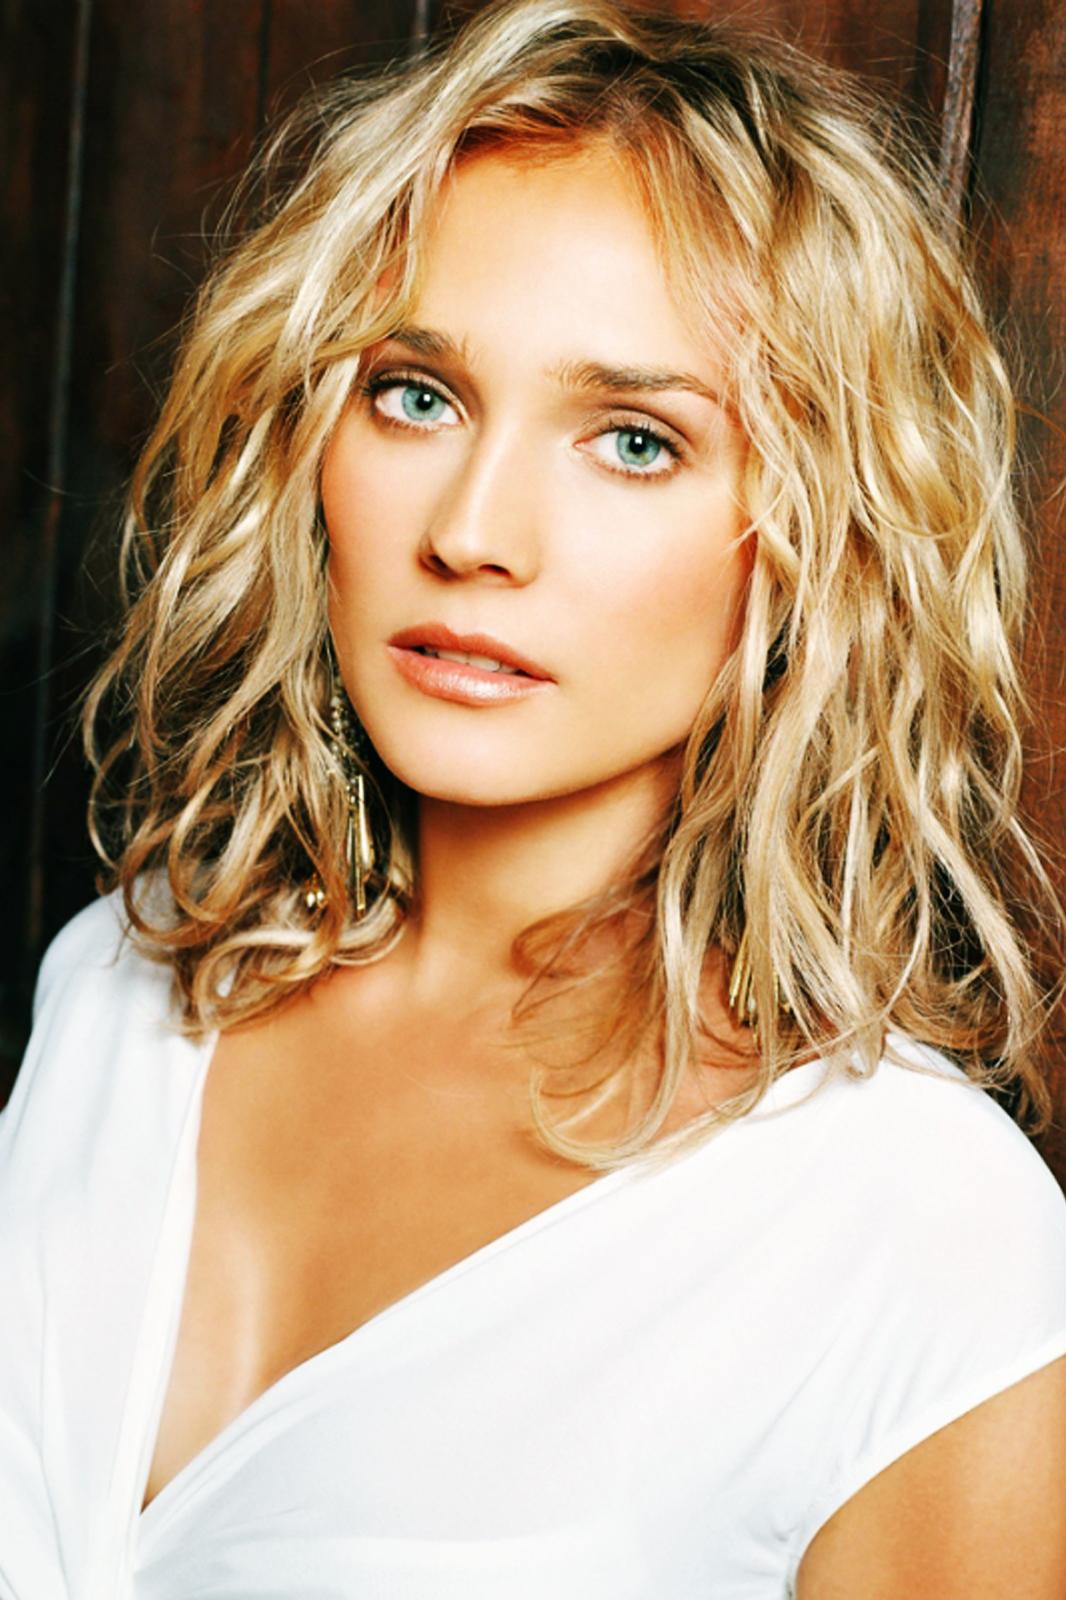 Diane Kruger Age